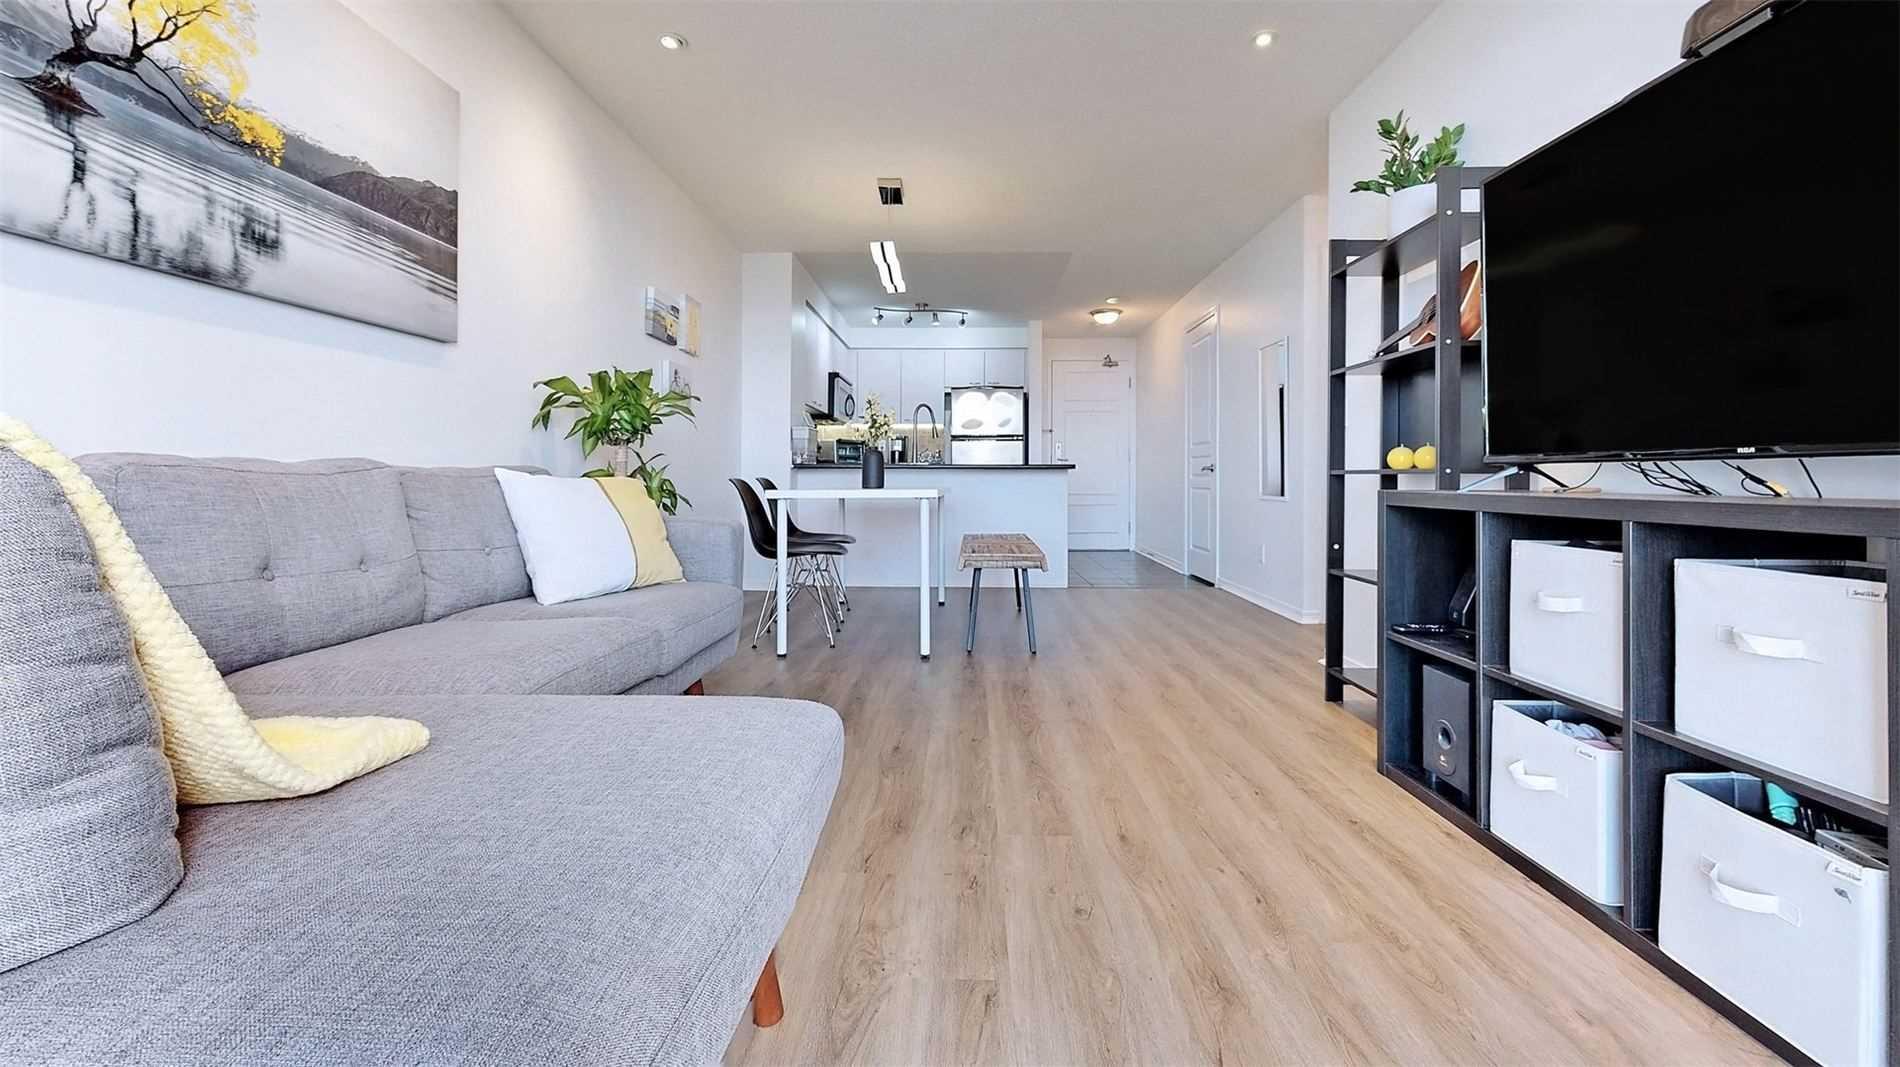 Condo Apt For Sale In Richmond Hill , 2 Bedrooms Bedrooms, ,1 BathroomBathrooms,Condo Apt,For Sale,Lph12,Red Maple